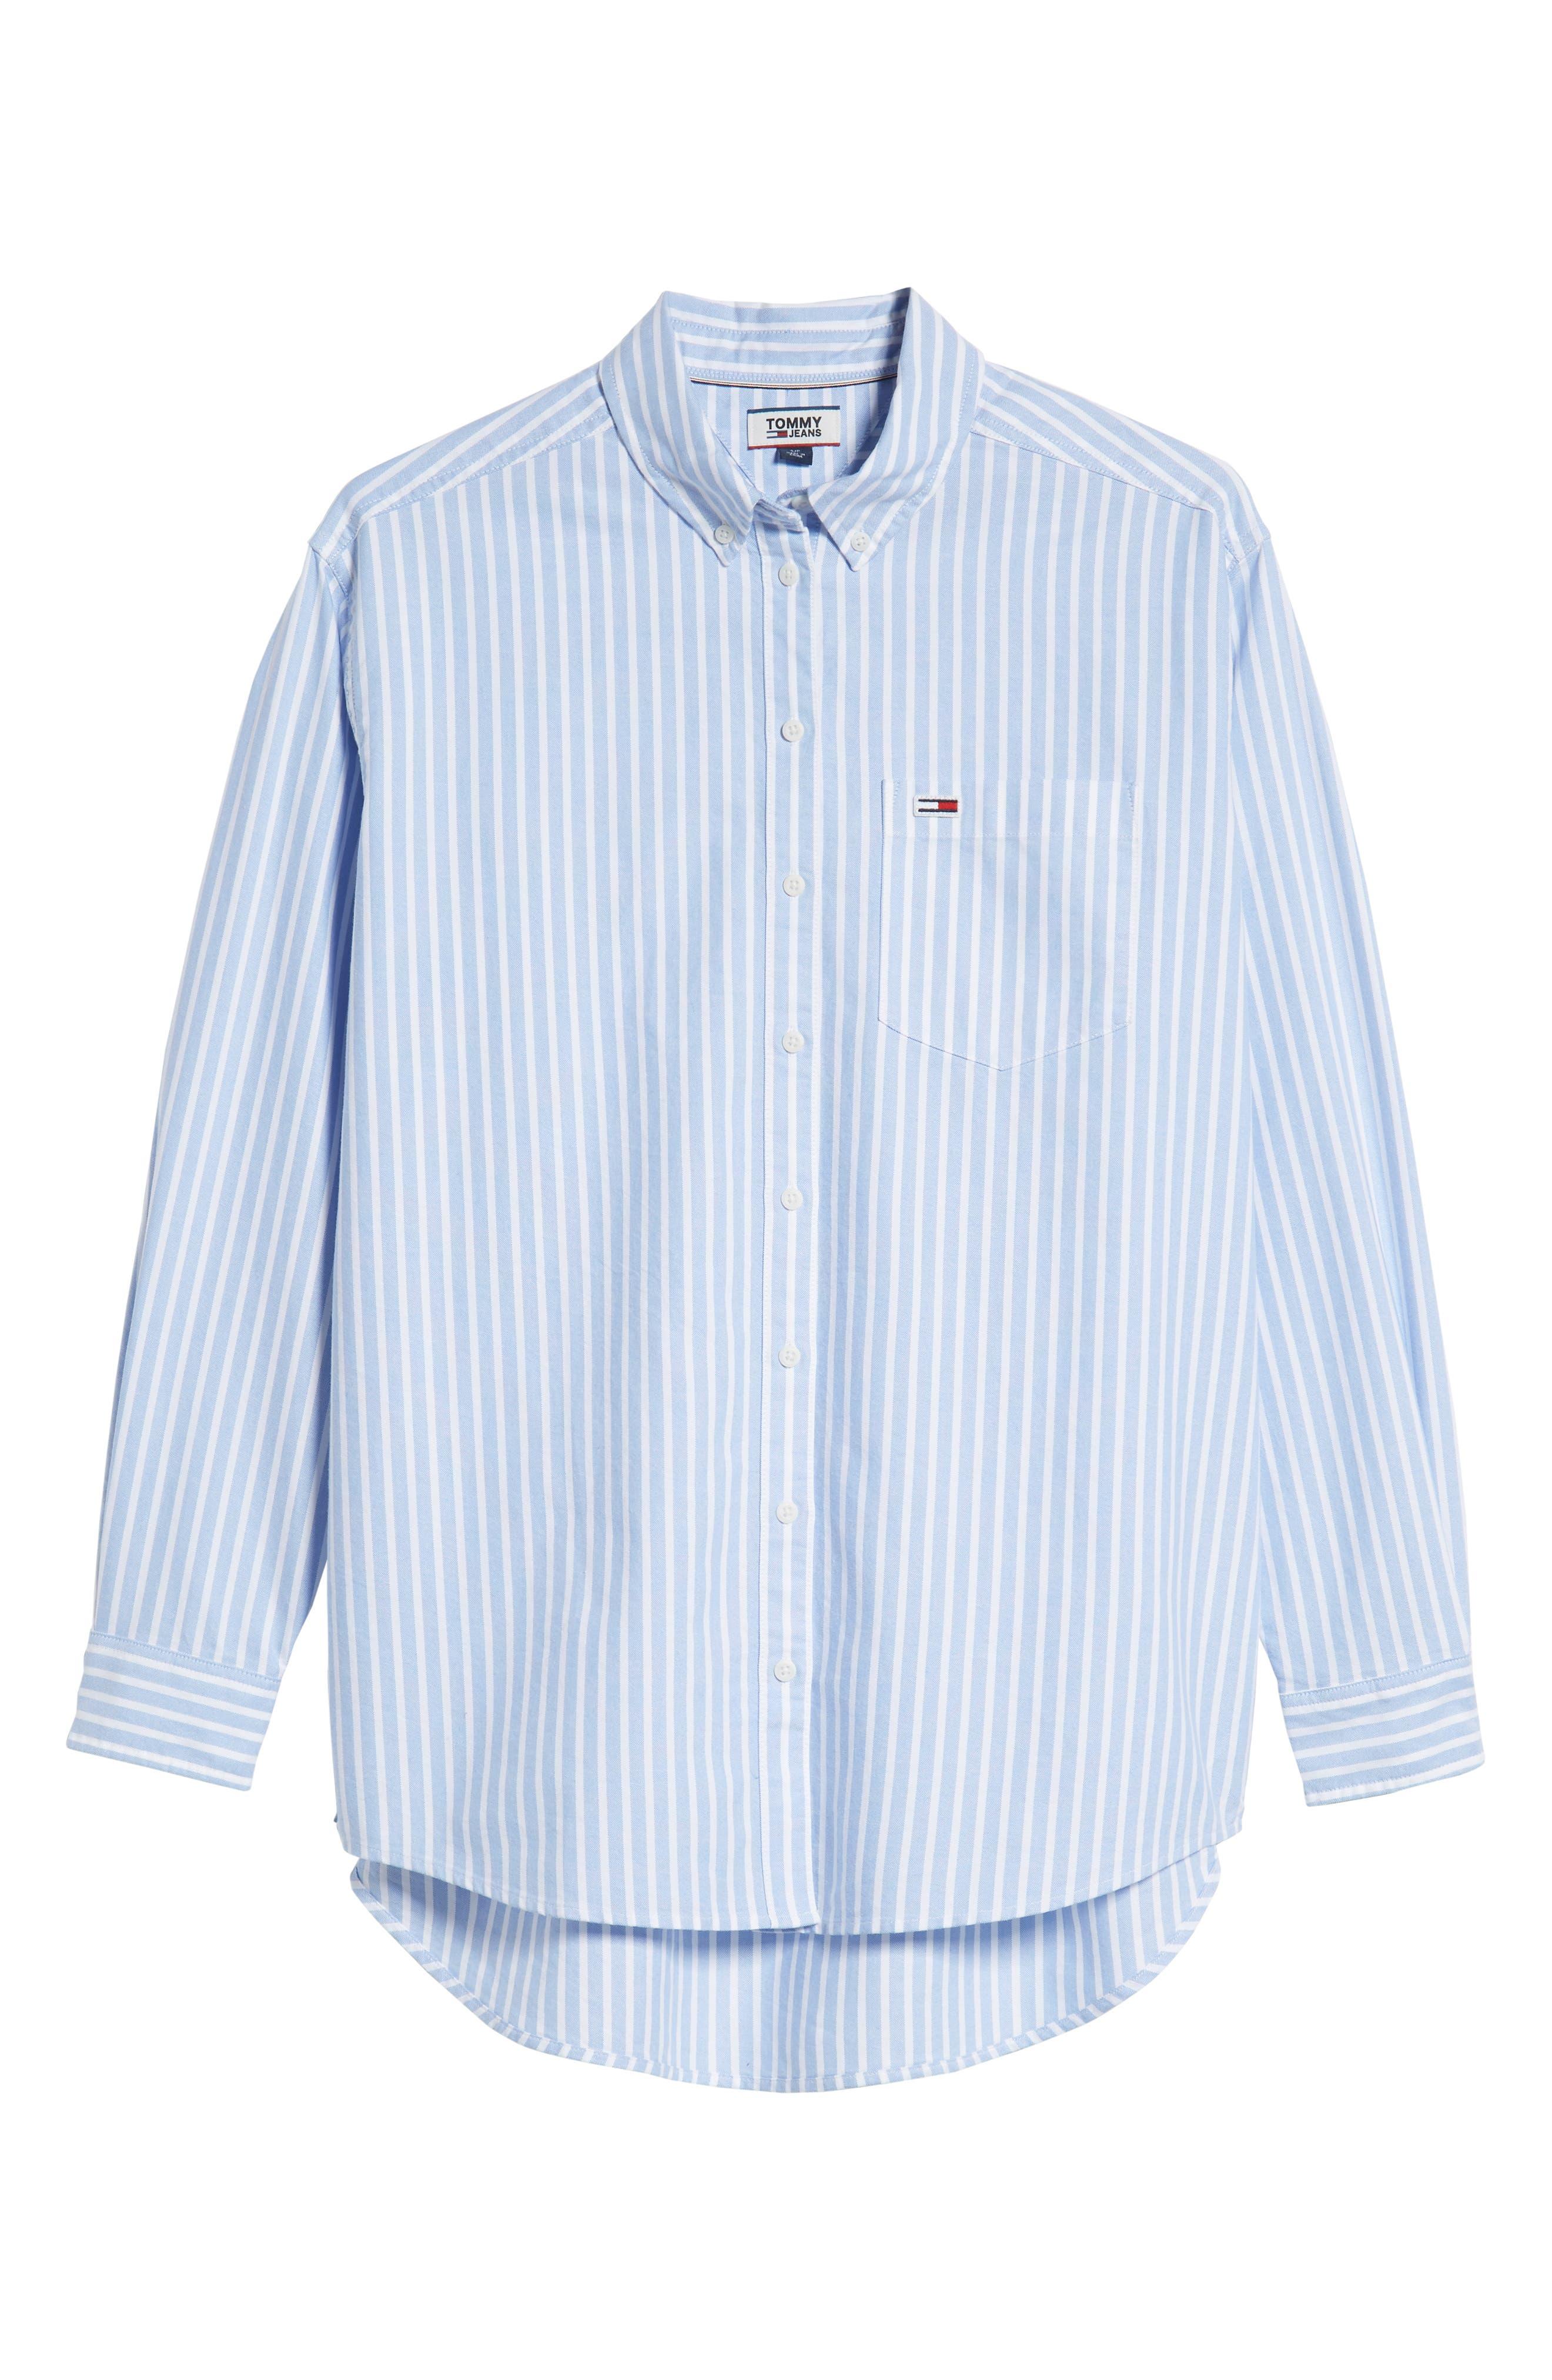 Classics Stripe Shirt,                             Alternate thumbnail 6, color,                             400